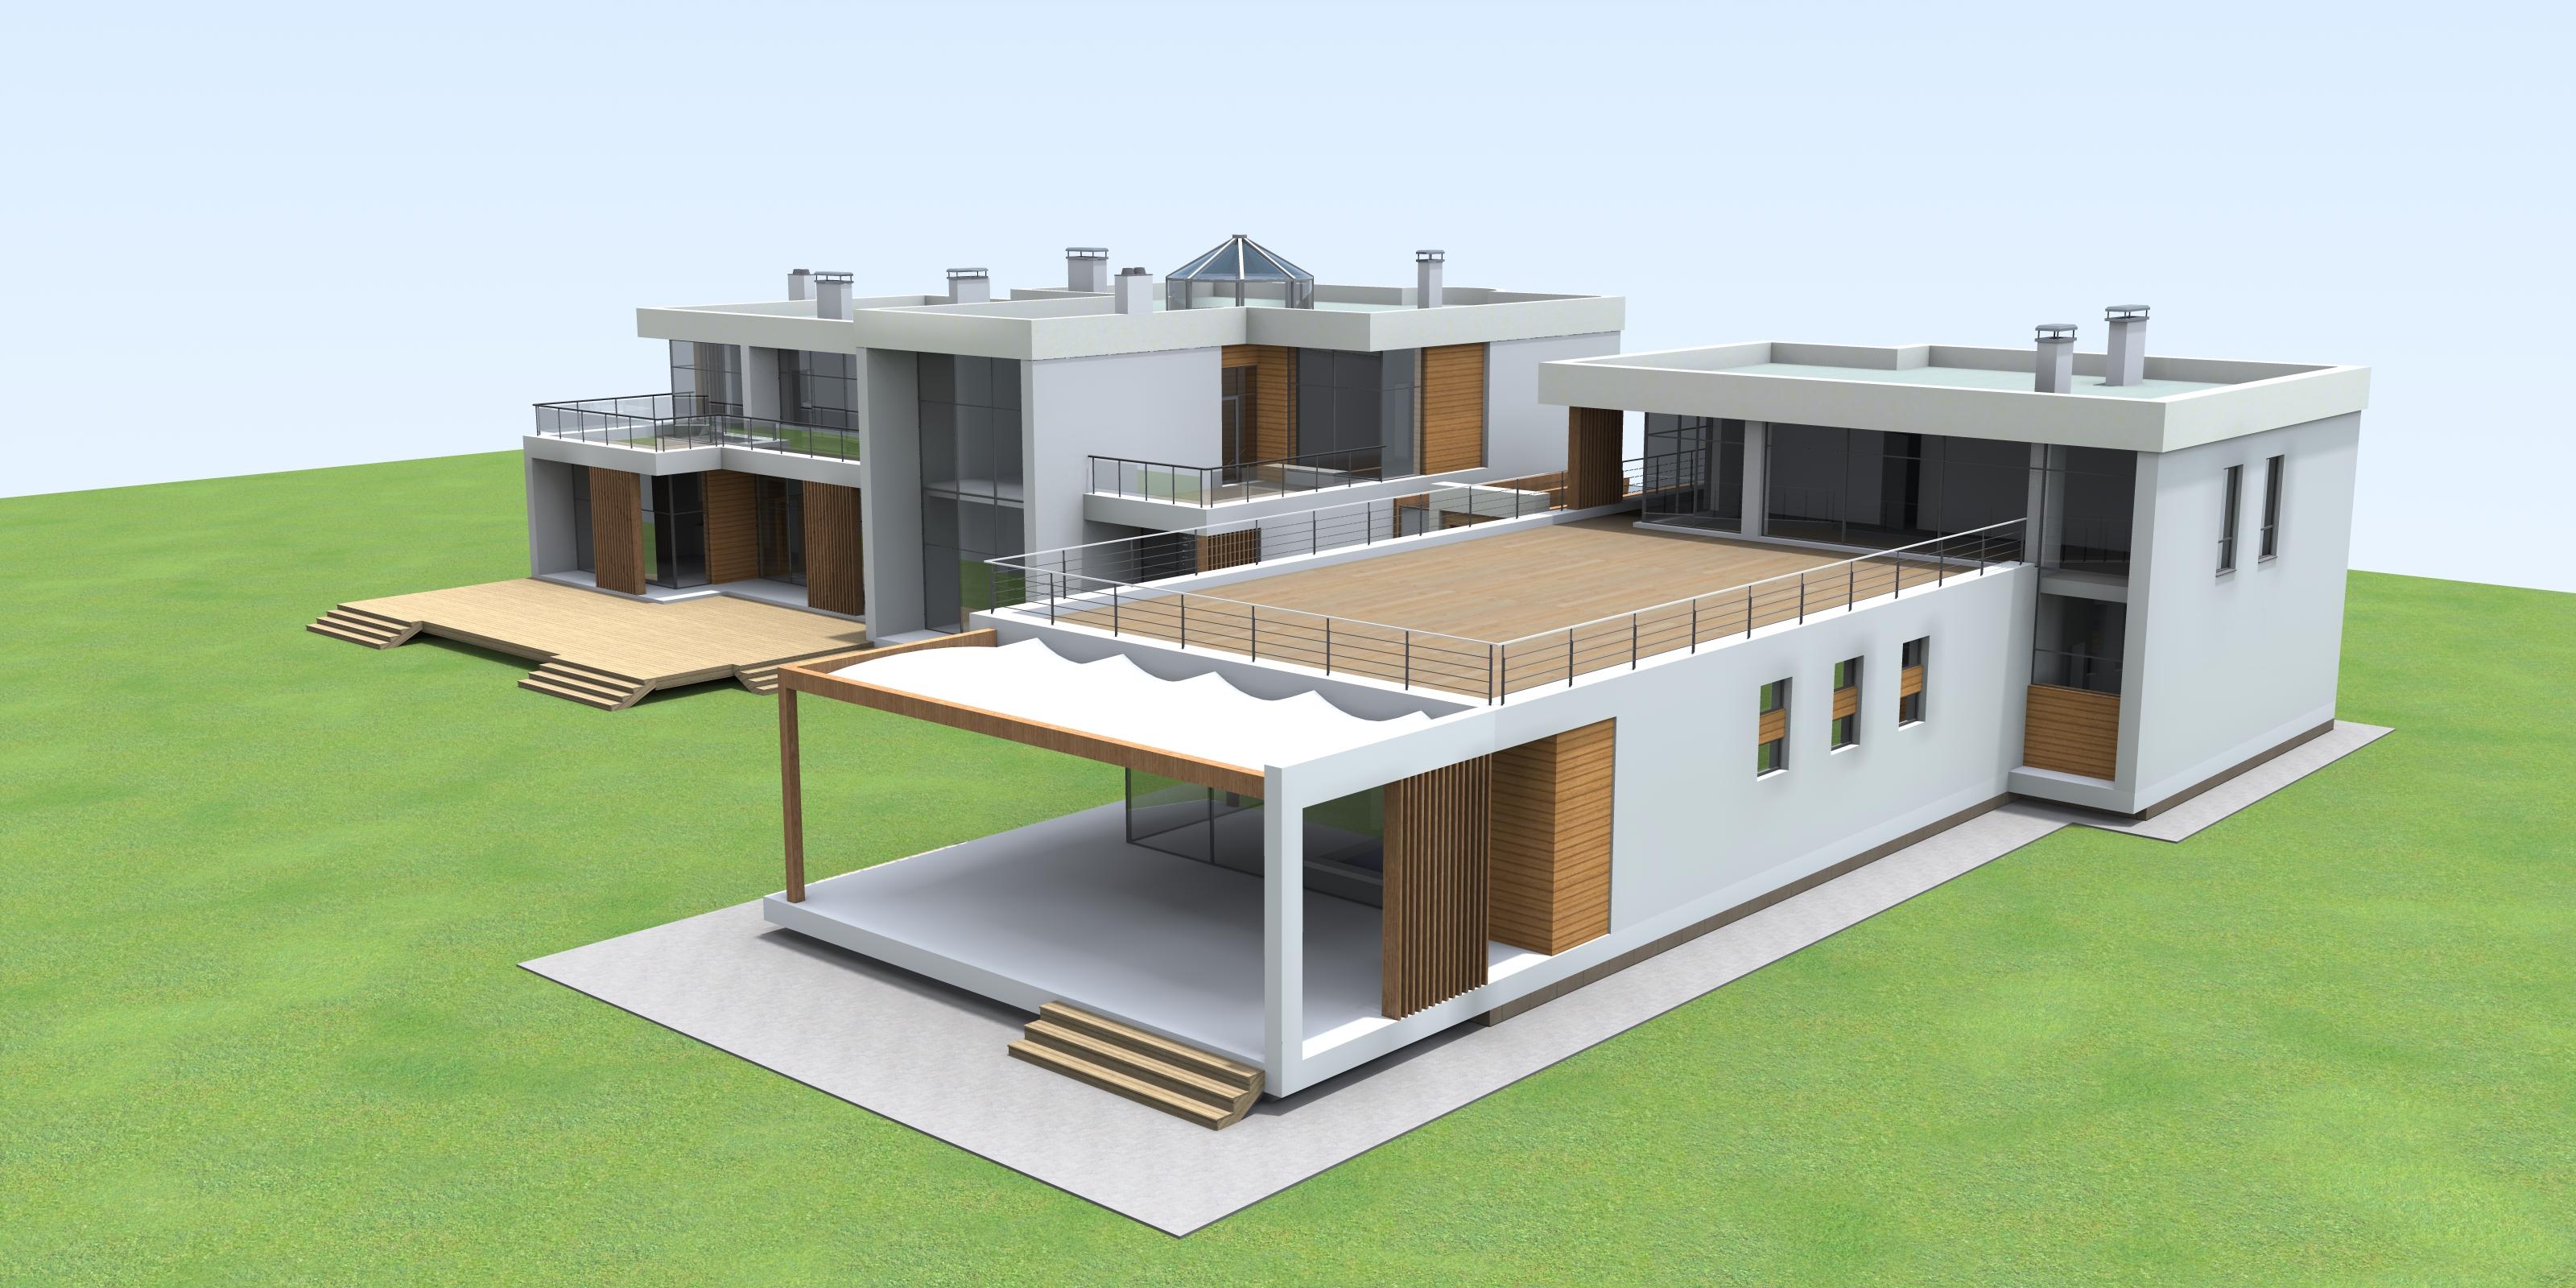 проектирование индивидуального дома жилого